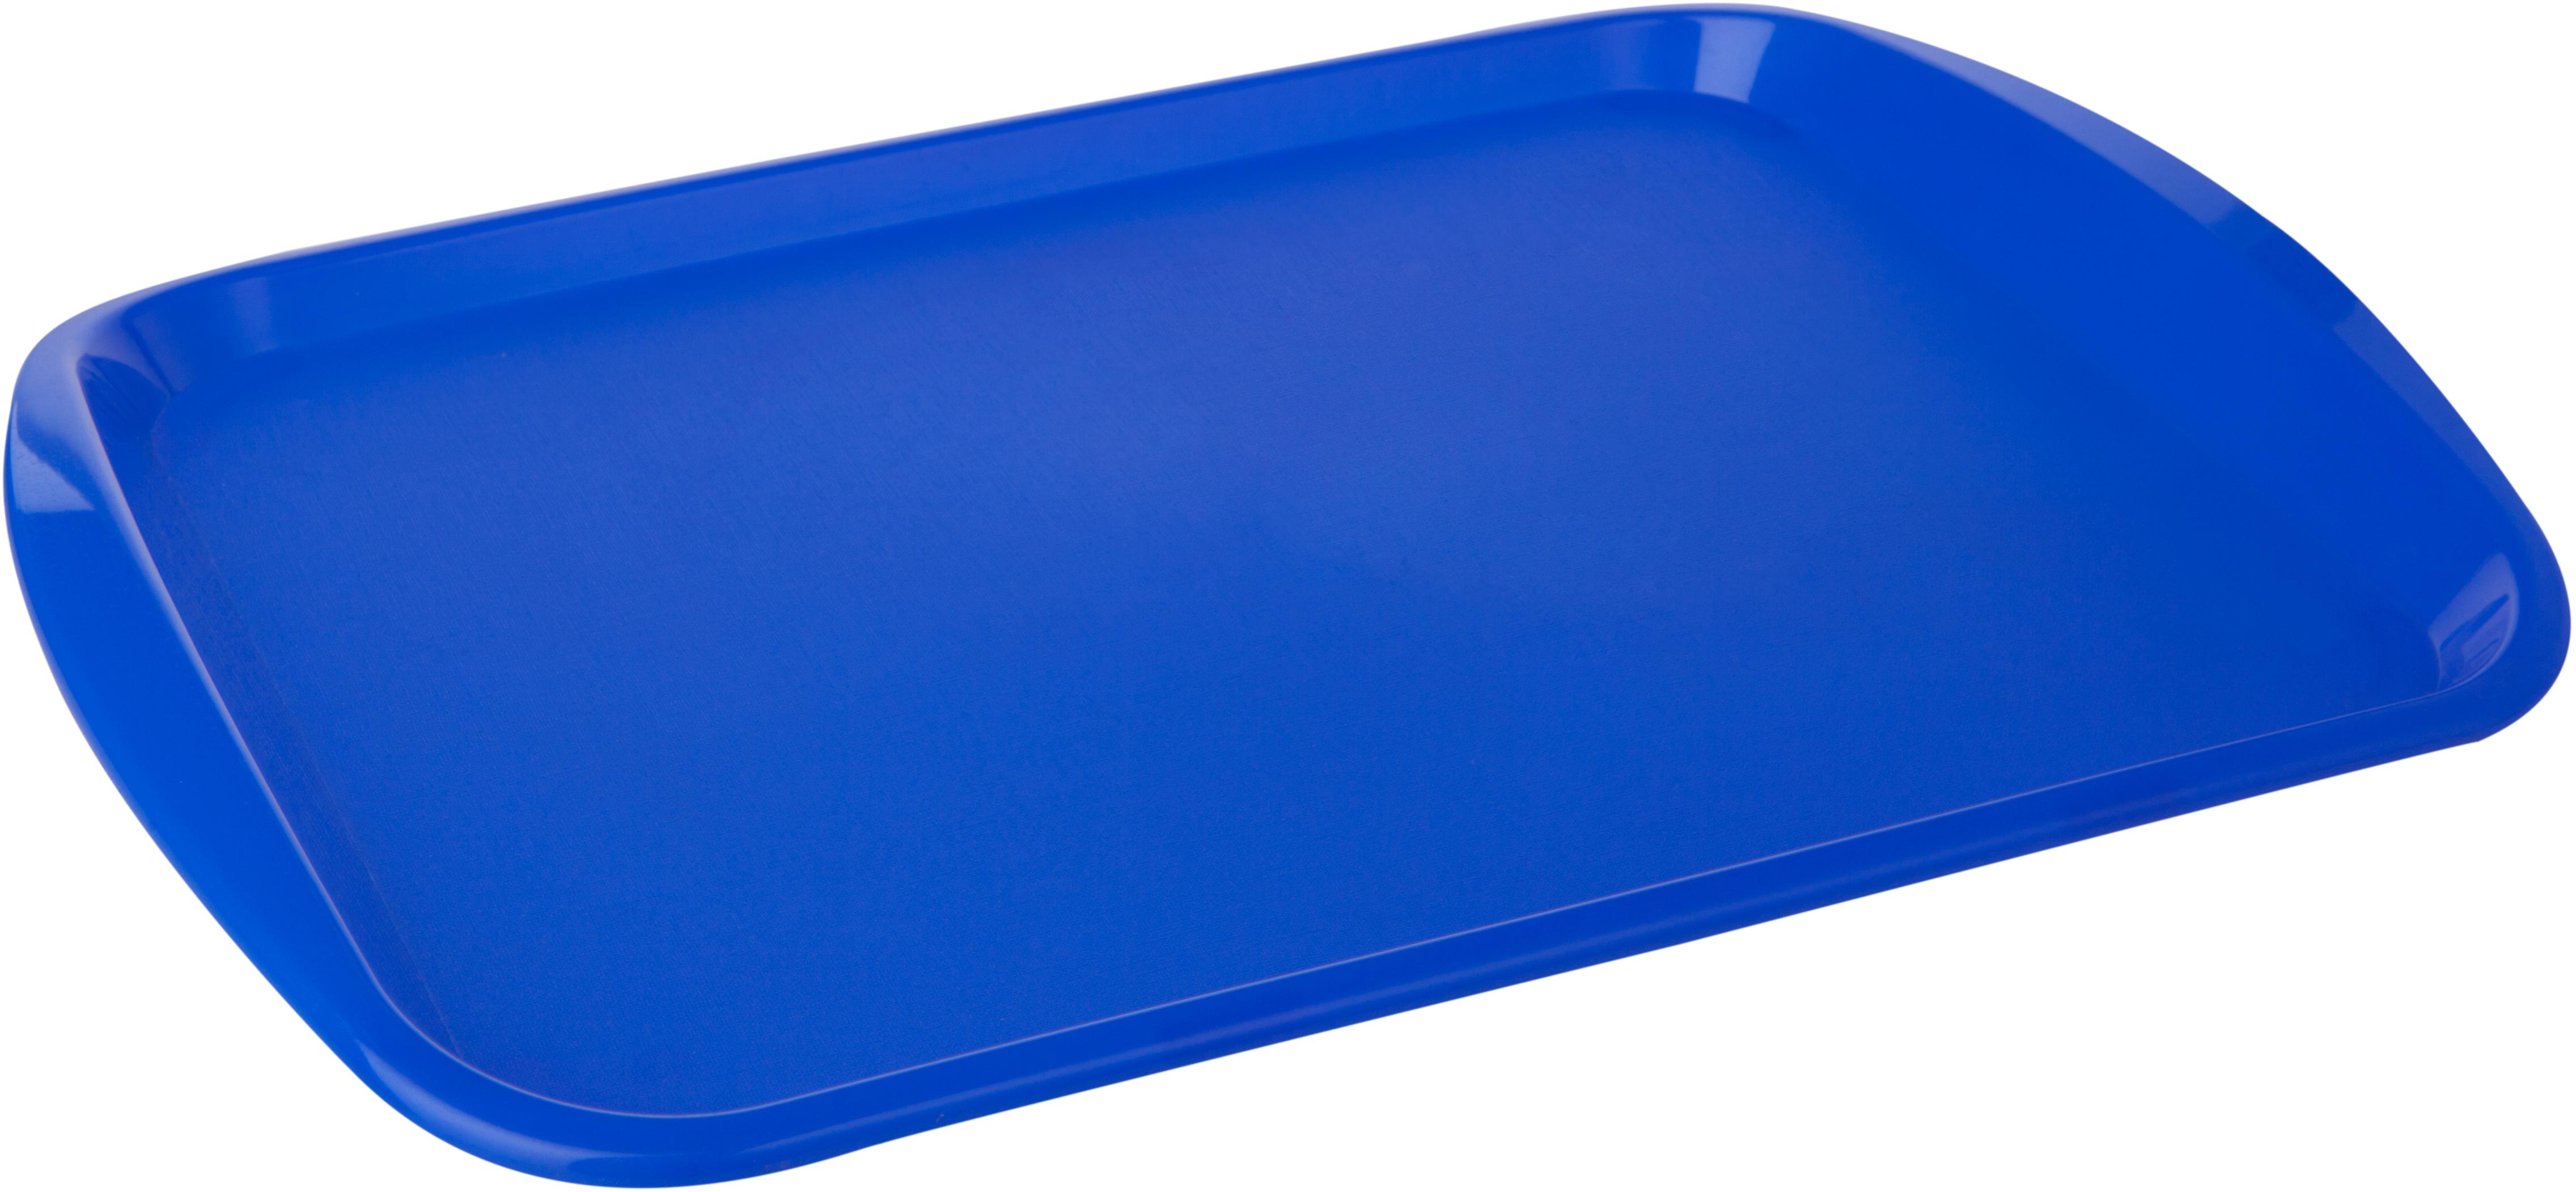 Поднос Plast Team, цвет: синий, прямоугольный, 36,5 х 25,5 х 2,5 см поднос на подвесе d40 5 см х 72 см